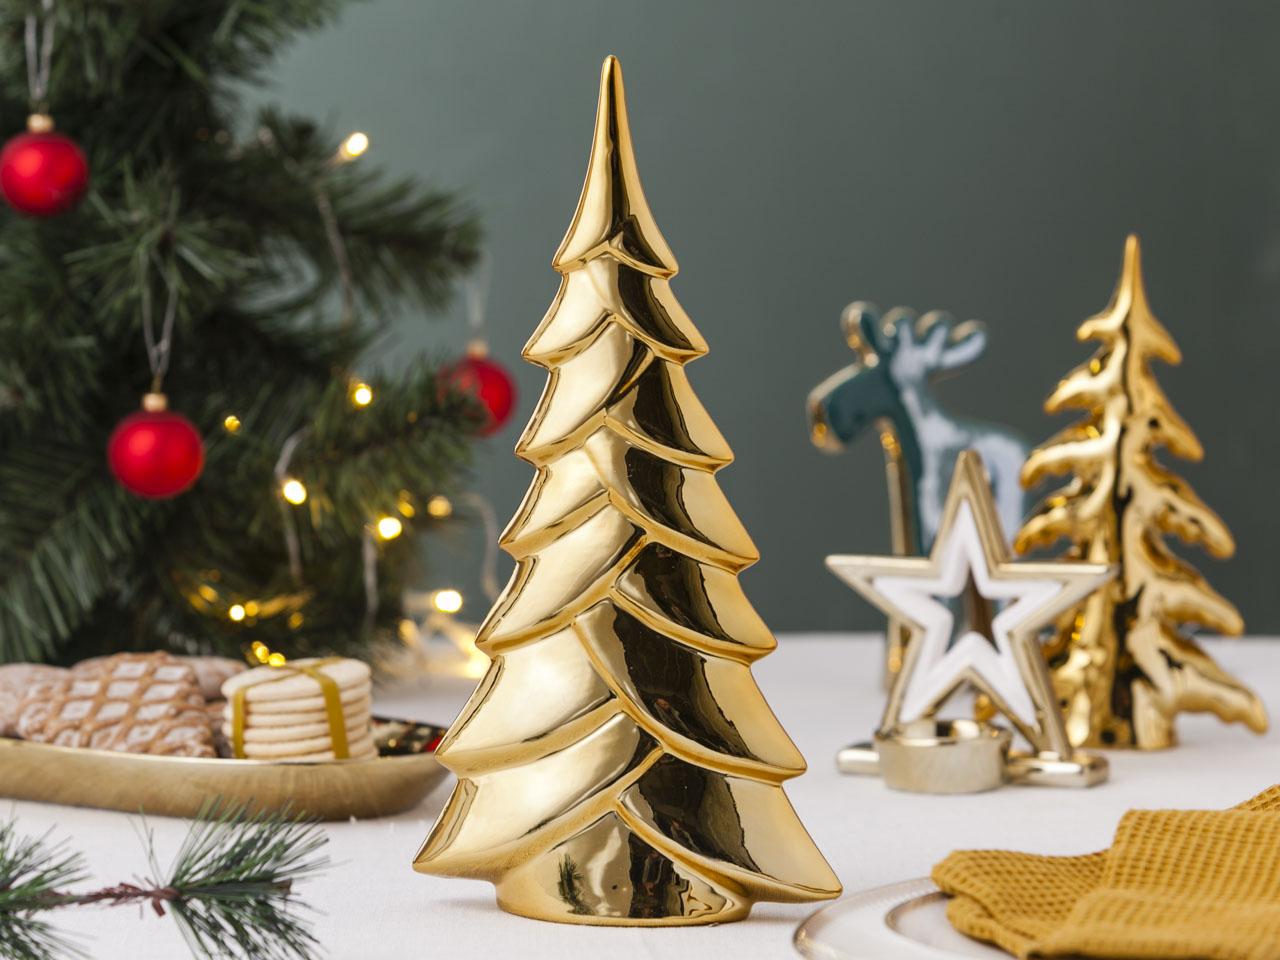 Ozdoba / figurka / dekoracja świąteczna Boże Narodzenie Altom Design choinka złota 15x6x30 cm